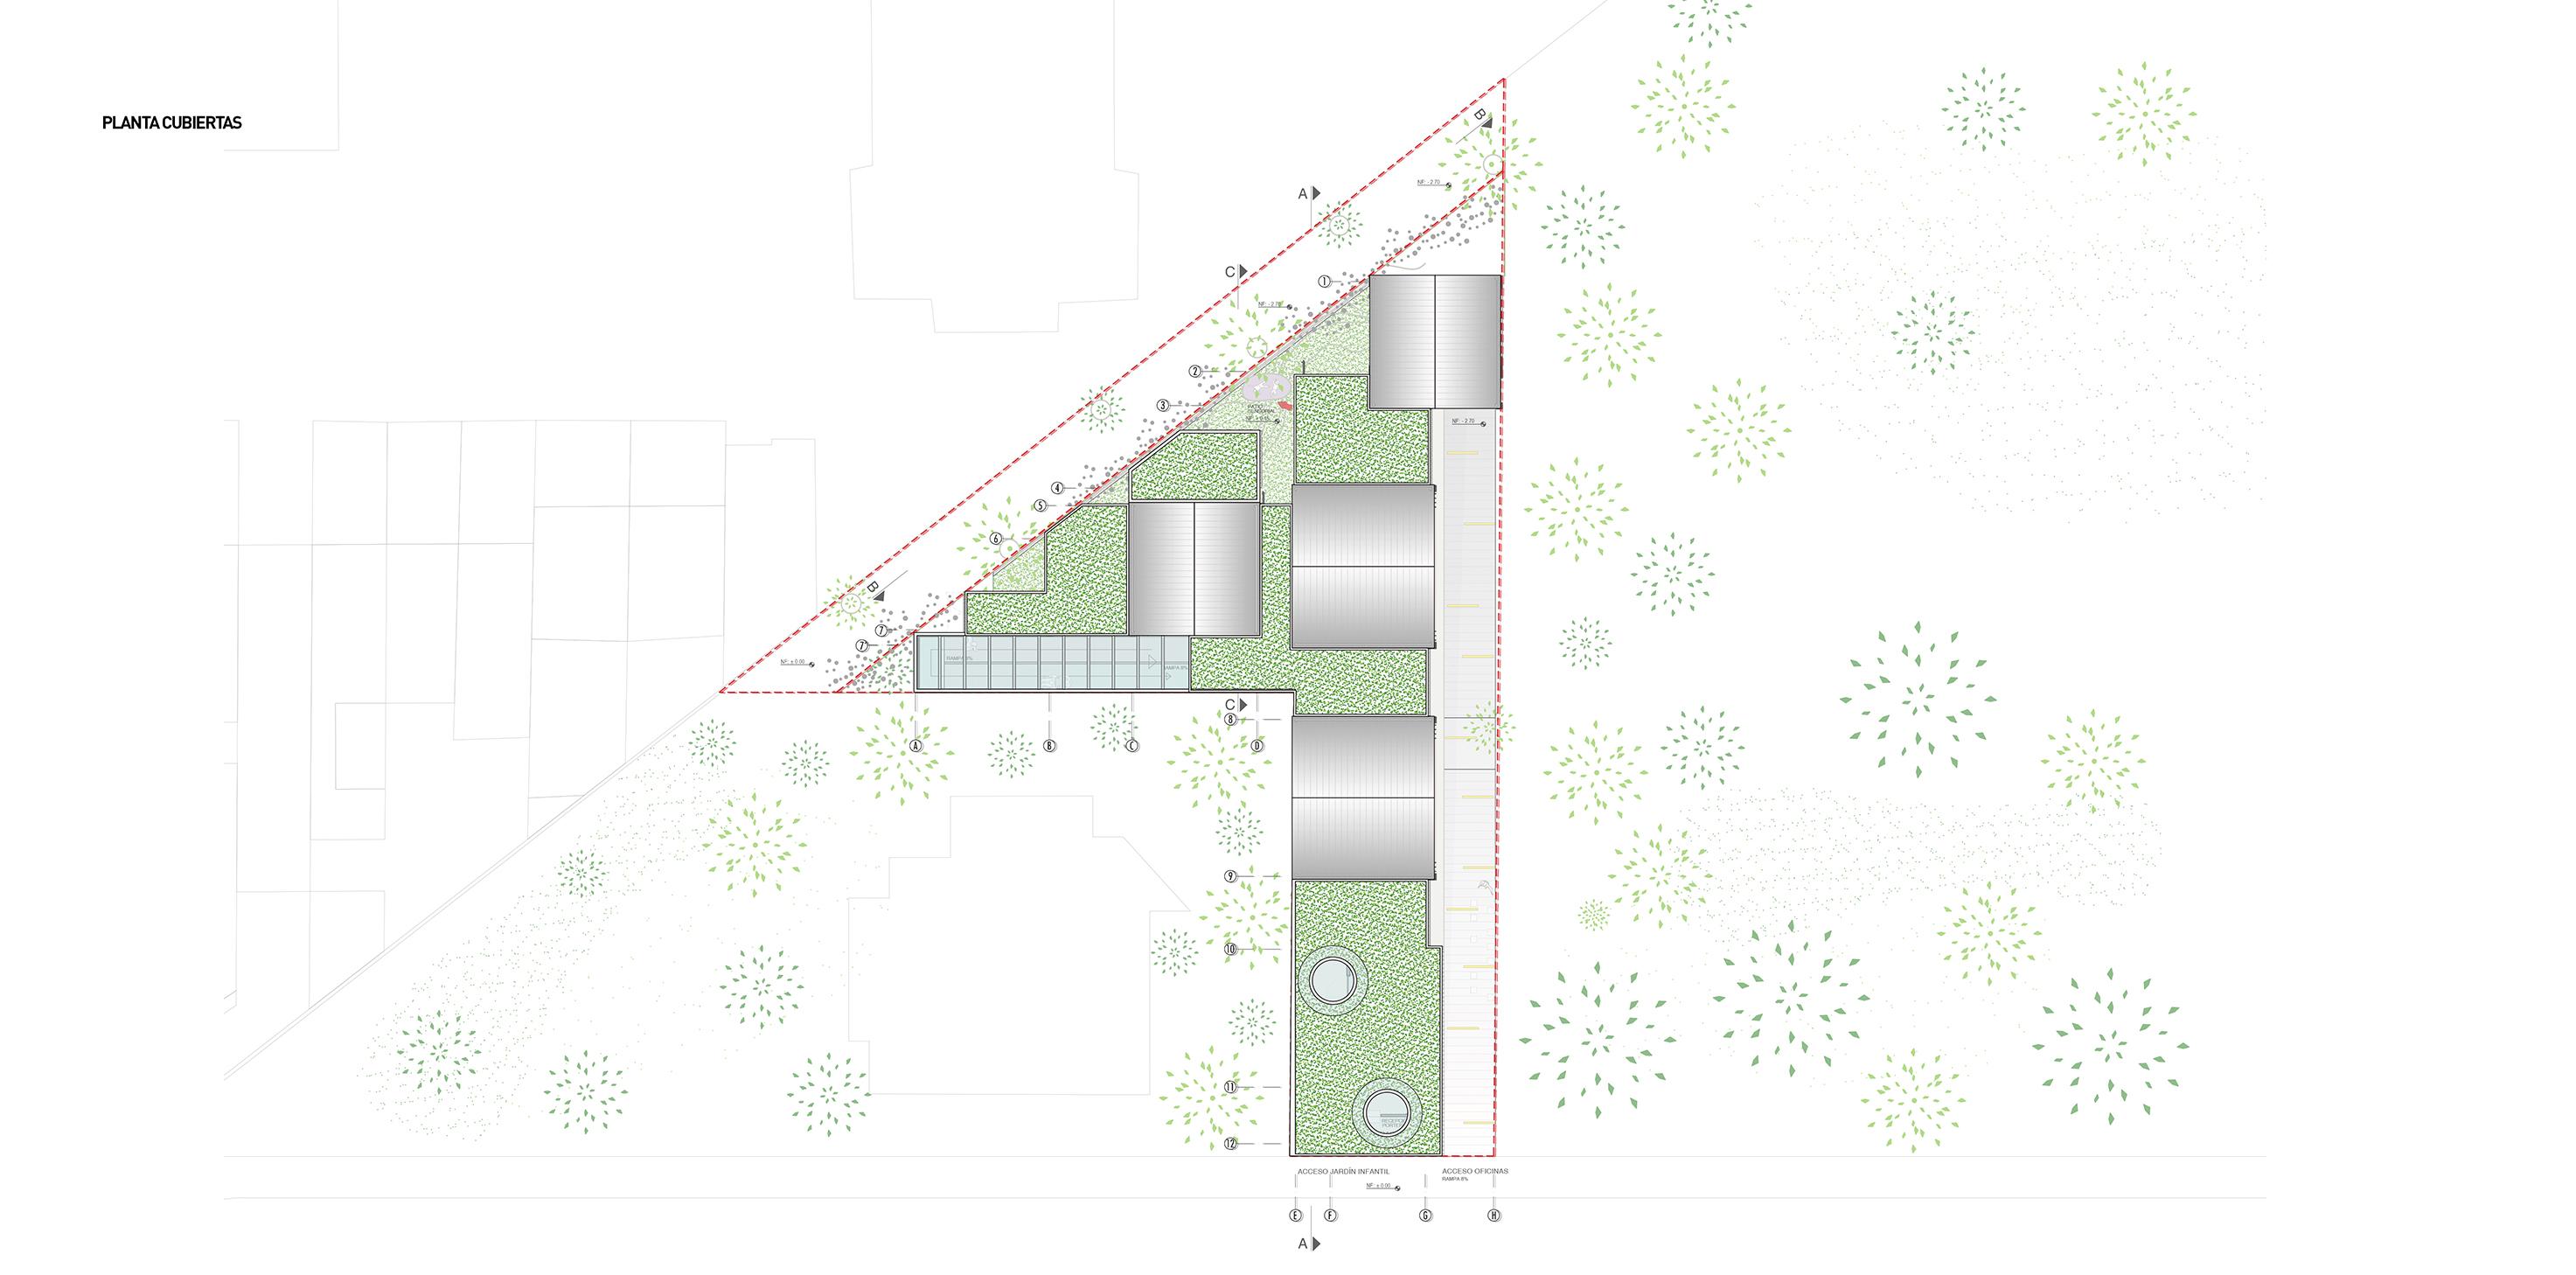 3_planta cubierta